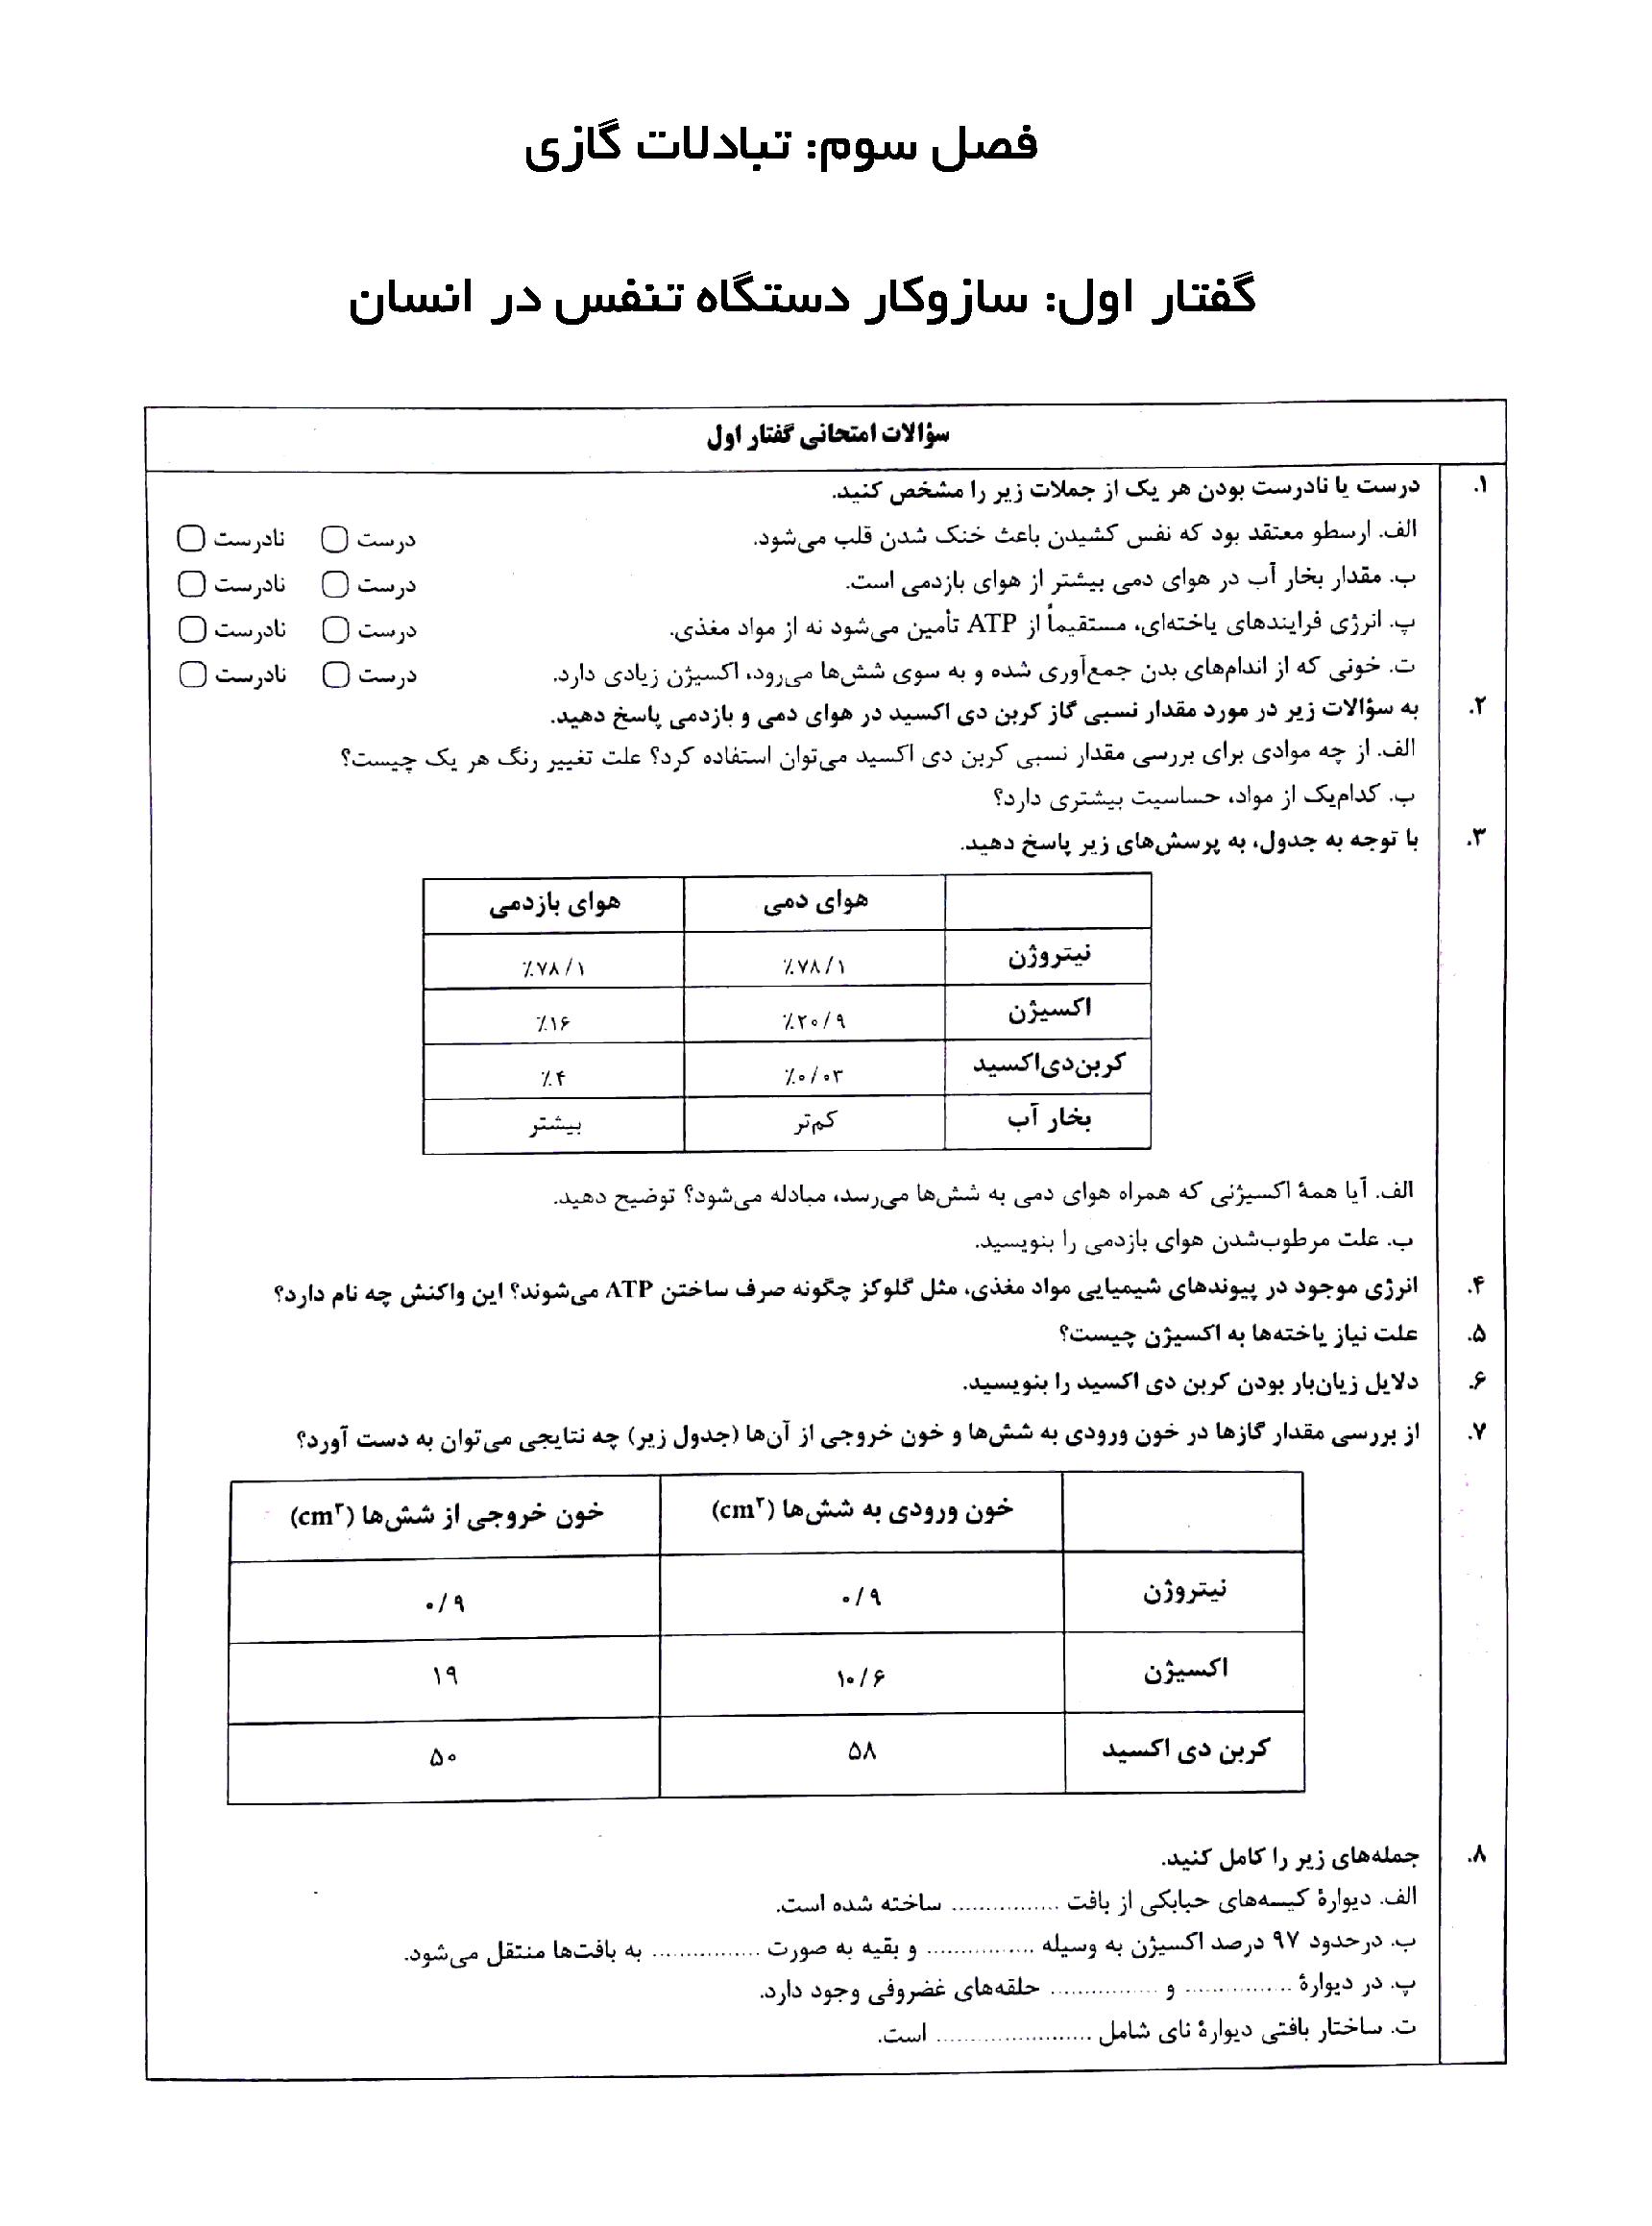 سوالات امتحانی زیست شناسی (1) دهم با جواب | فصل 3: تبادلات گازی (گفتار 1 تا 3)